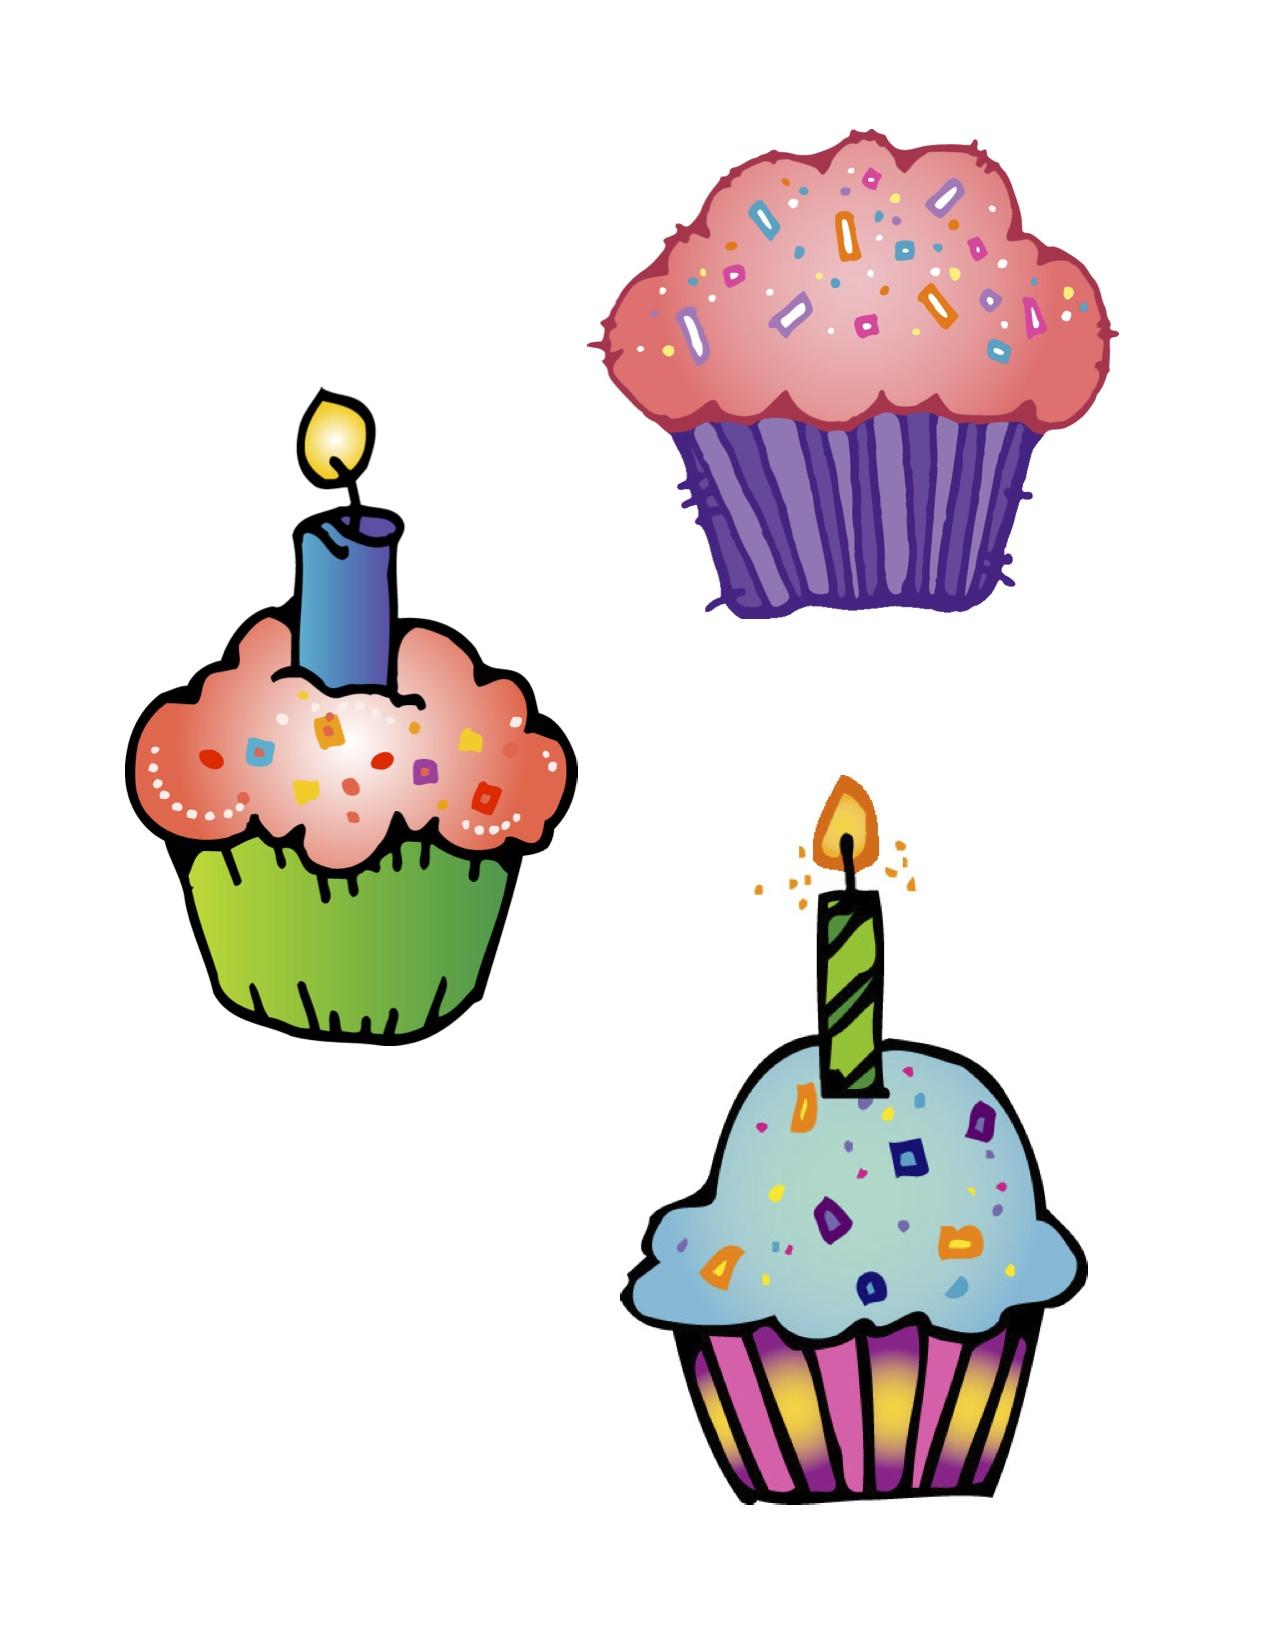 Free Birthday Cupcake Image, Download Free Clip Art, Free.